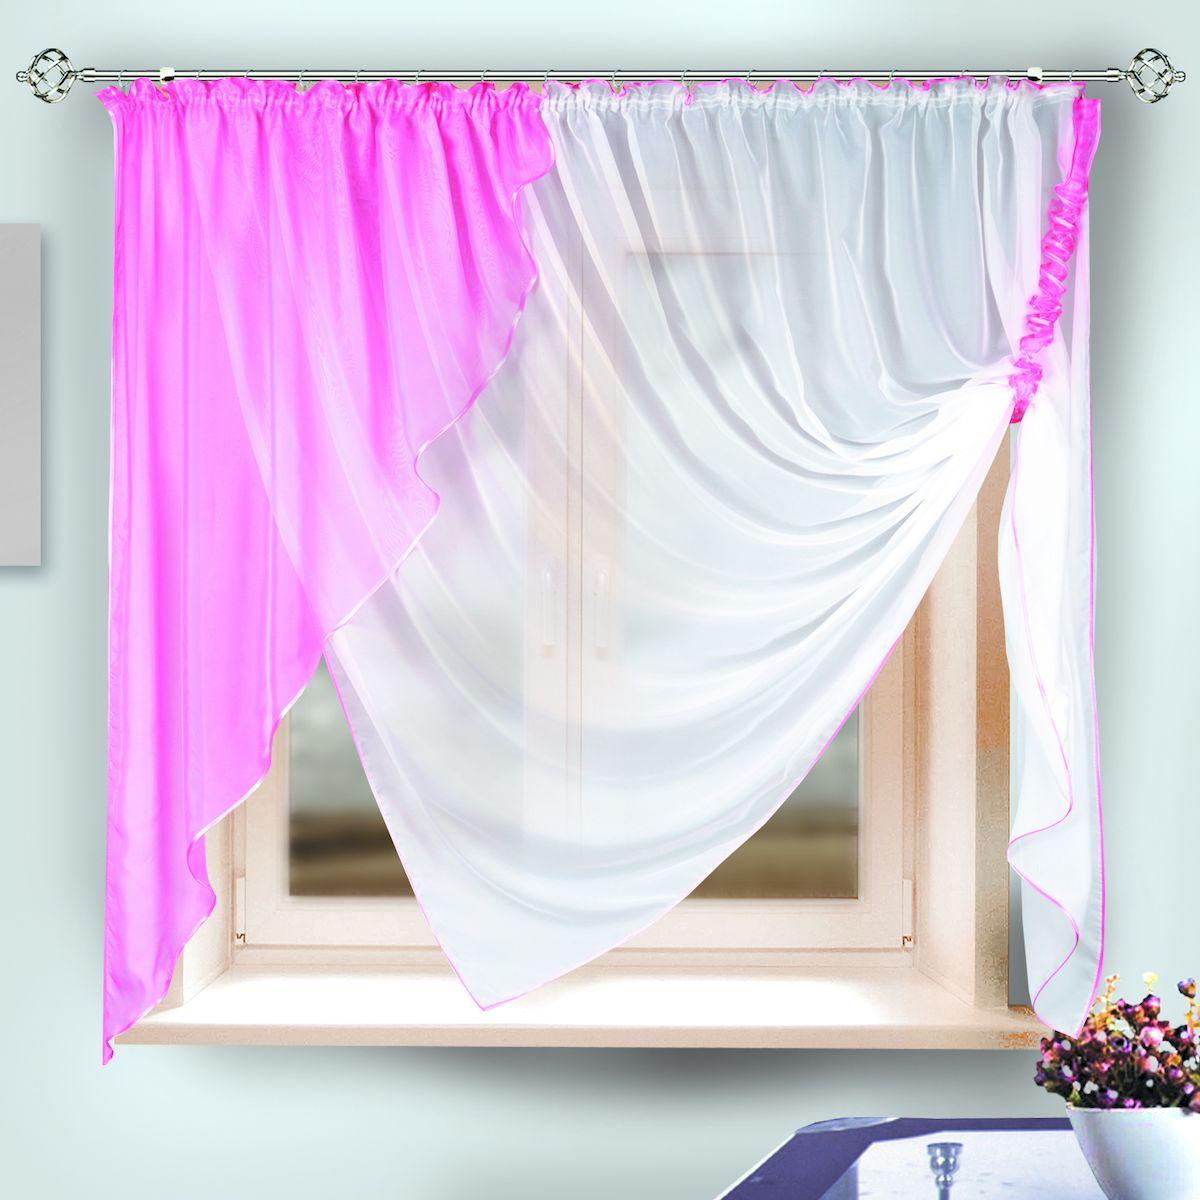 Комплект штор для кухни Zlata Korunka, на ленте, цвет: розовый, высота 170 см. 33332 комплект штор для кухни zlata korunka на ленте цвет белый коричневый высота 170 см 333311